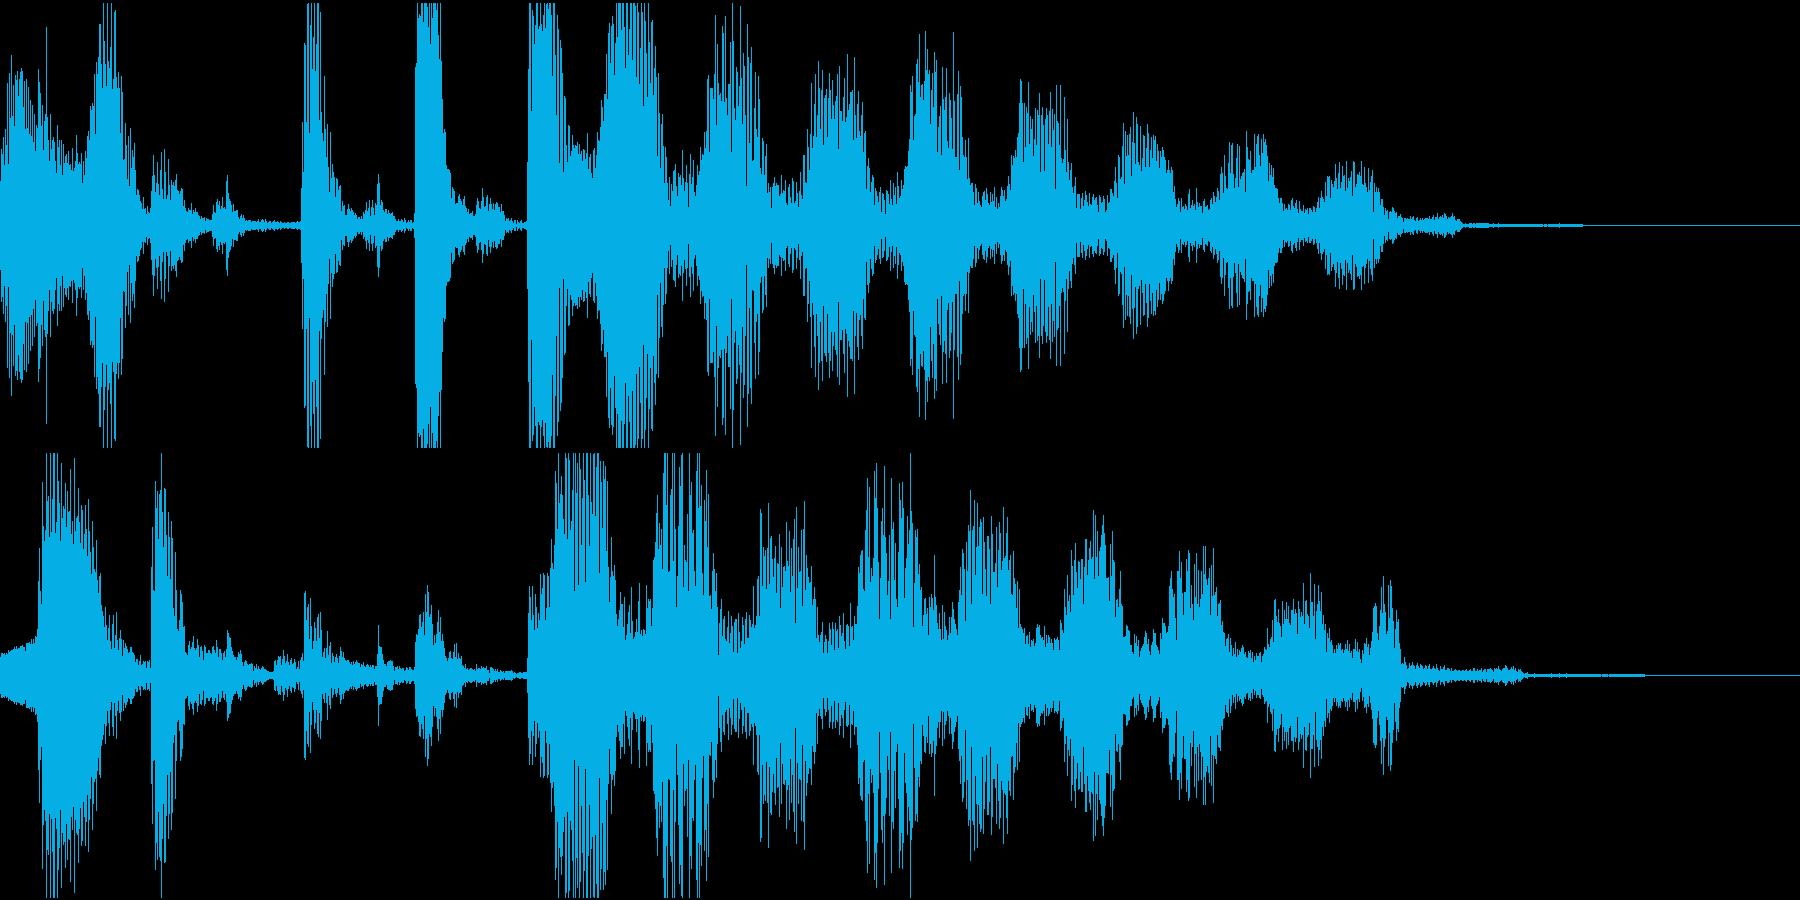 6秒ジングル ジャジーで可愛い感じの再生済みの波形